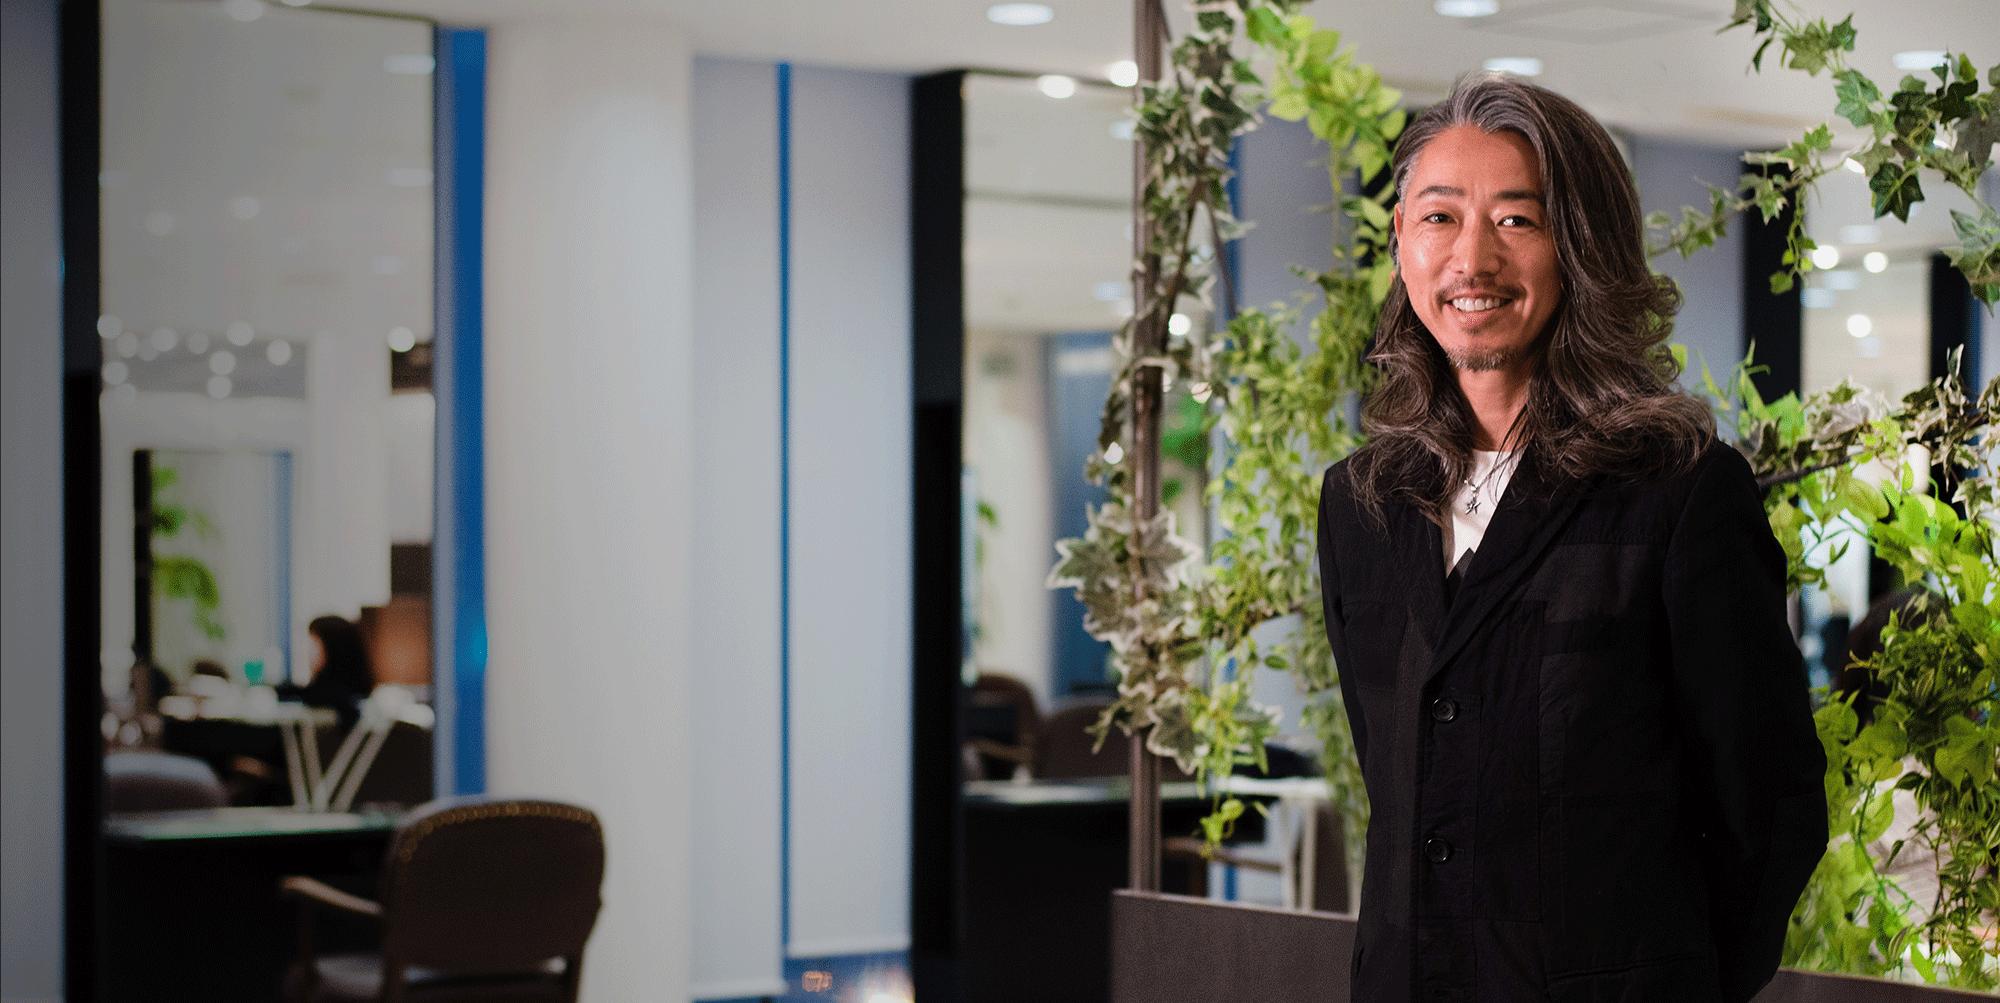 スニップス 由藤秀樹さん/新潟から日本の美容を盛り上げることを使命に。